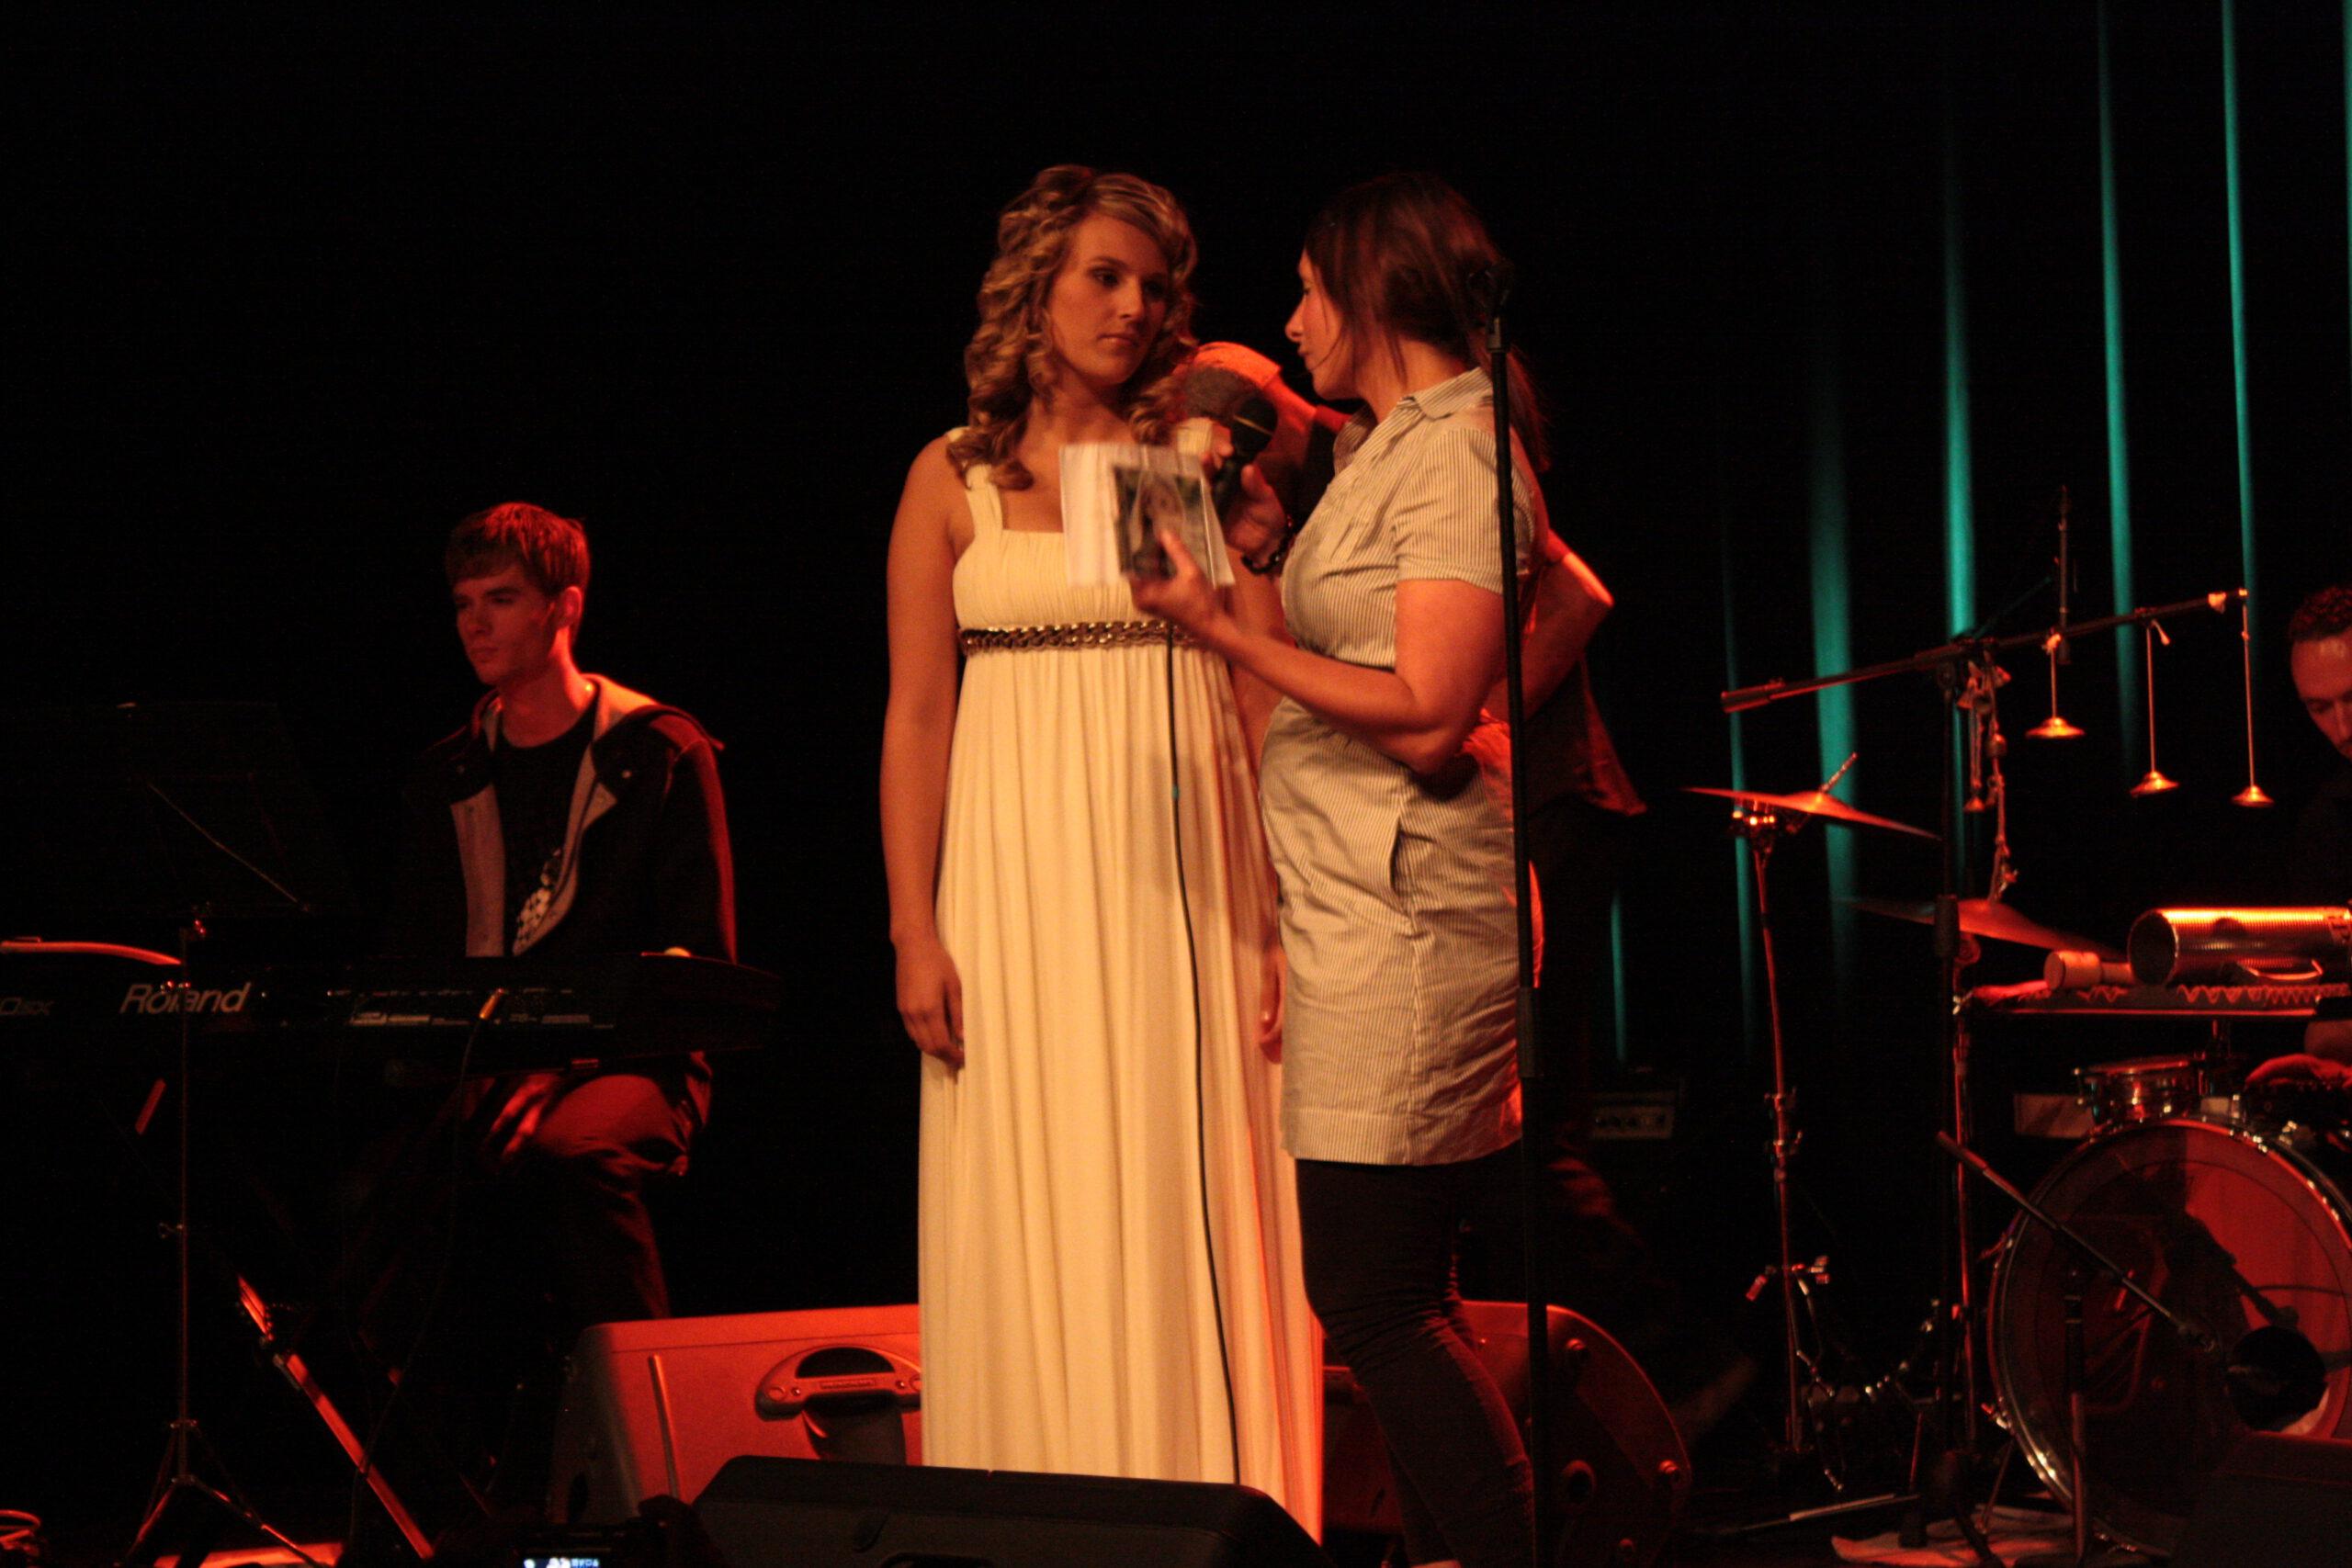 2009_05_19 Barbara Karel van 3FM presenteerd de eerste CD